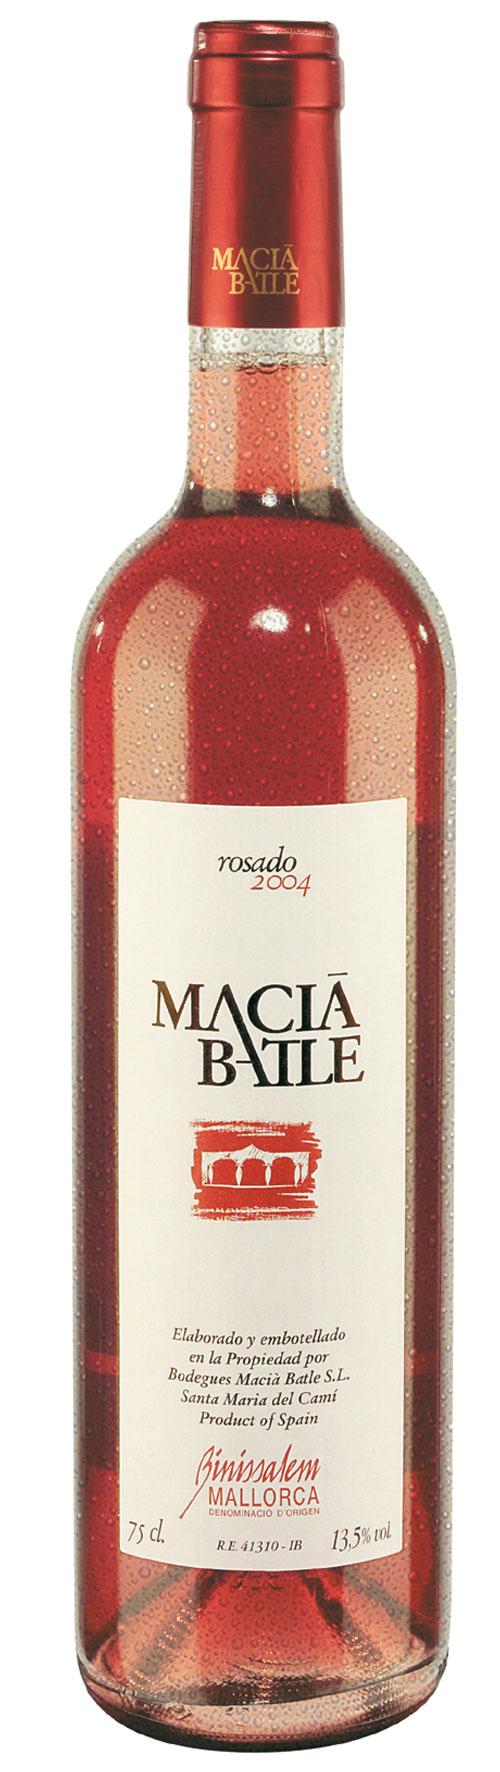 Macia Batle Rosado 2019